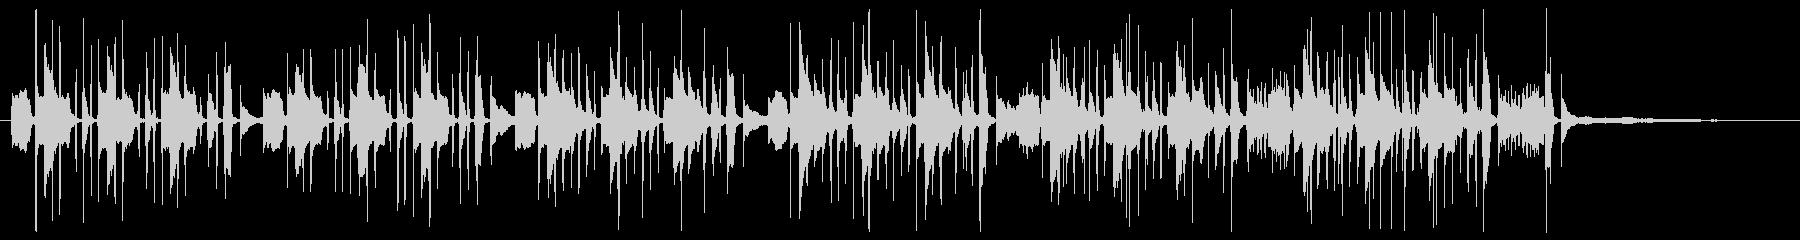 バスクラリネットによるコミカルなBGMの未再生の波形